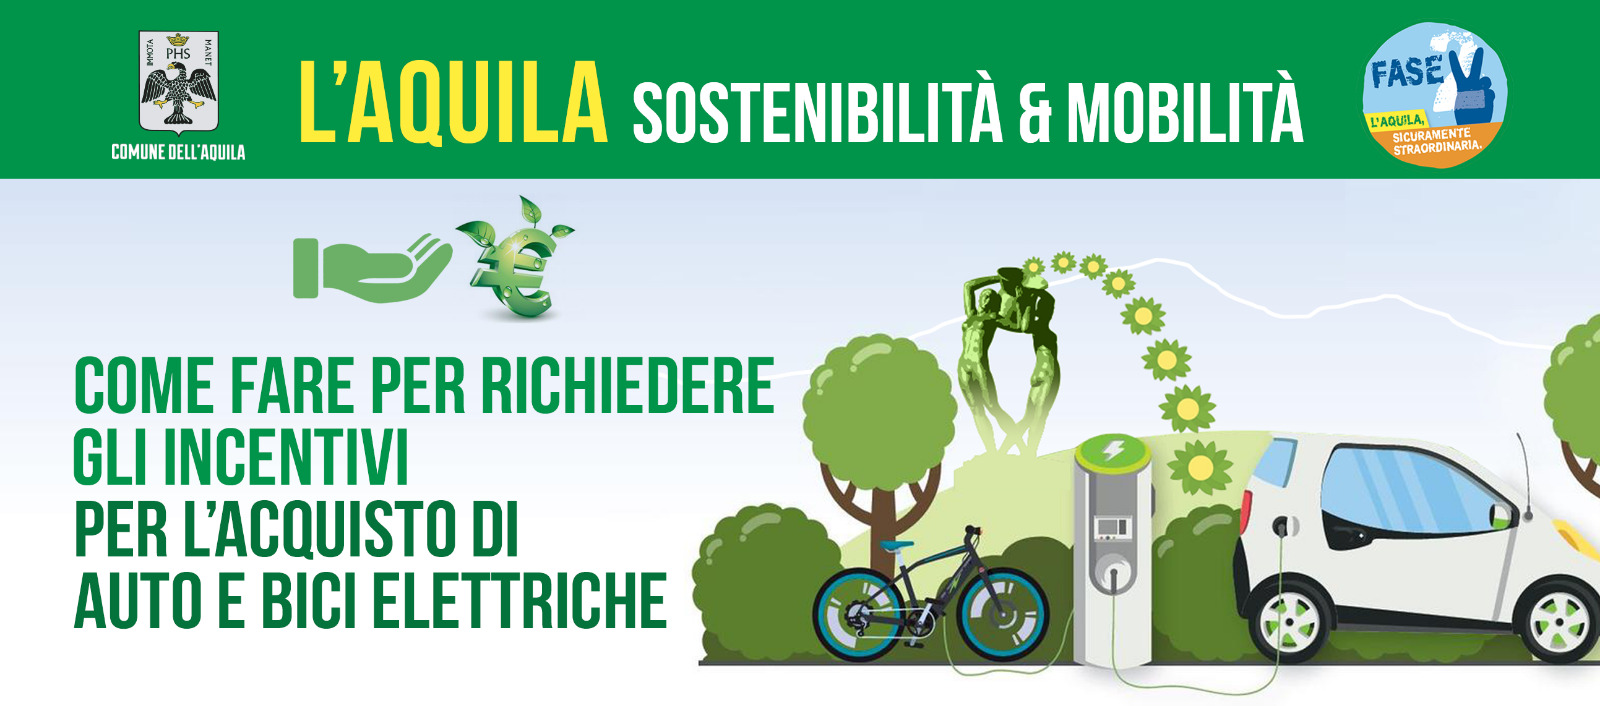 Continuano i contributi comunali per l'acquisto di auto elettriche a l'Aquila